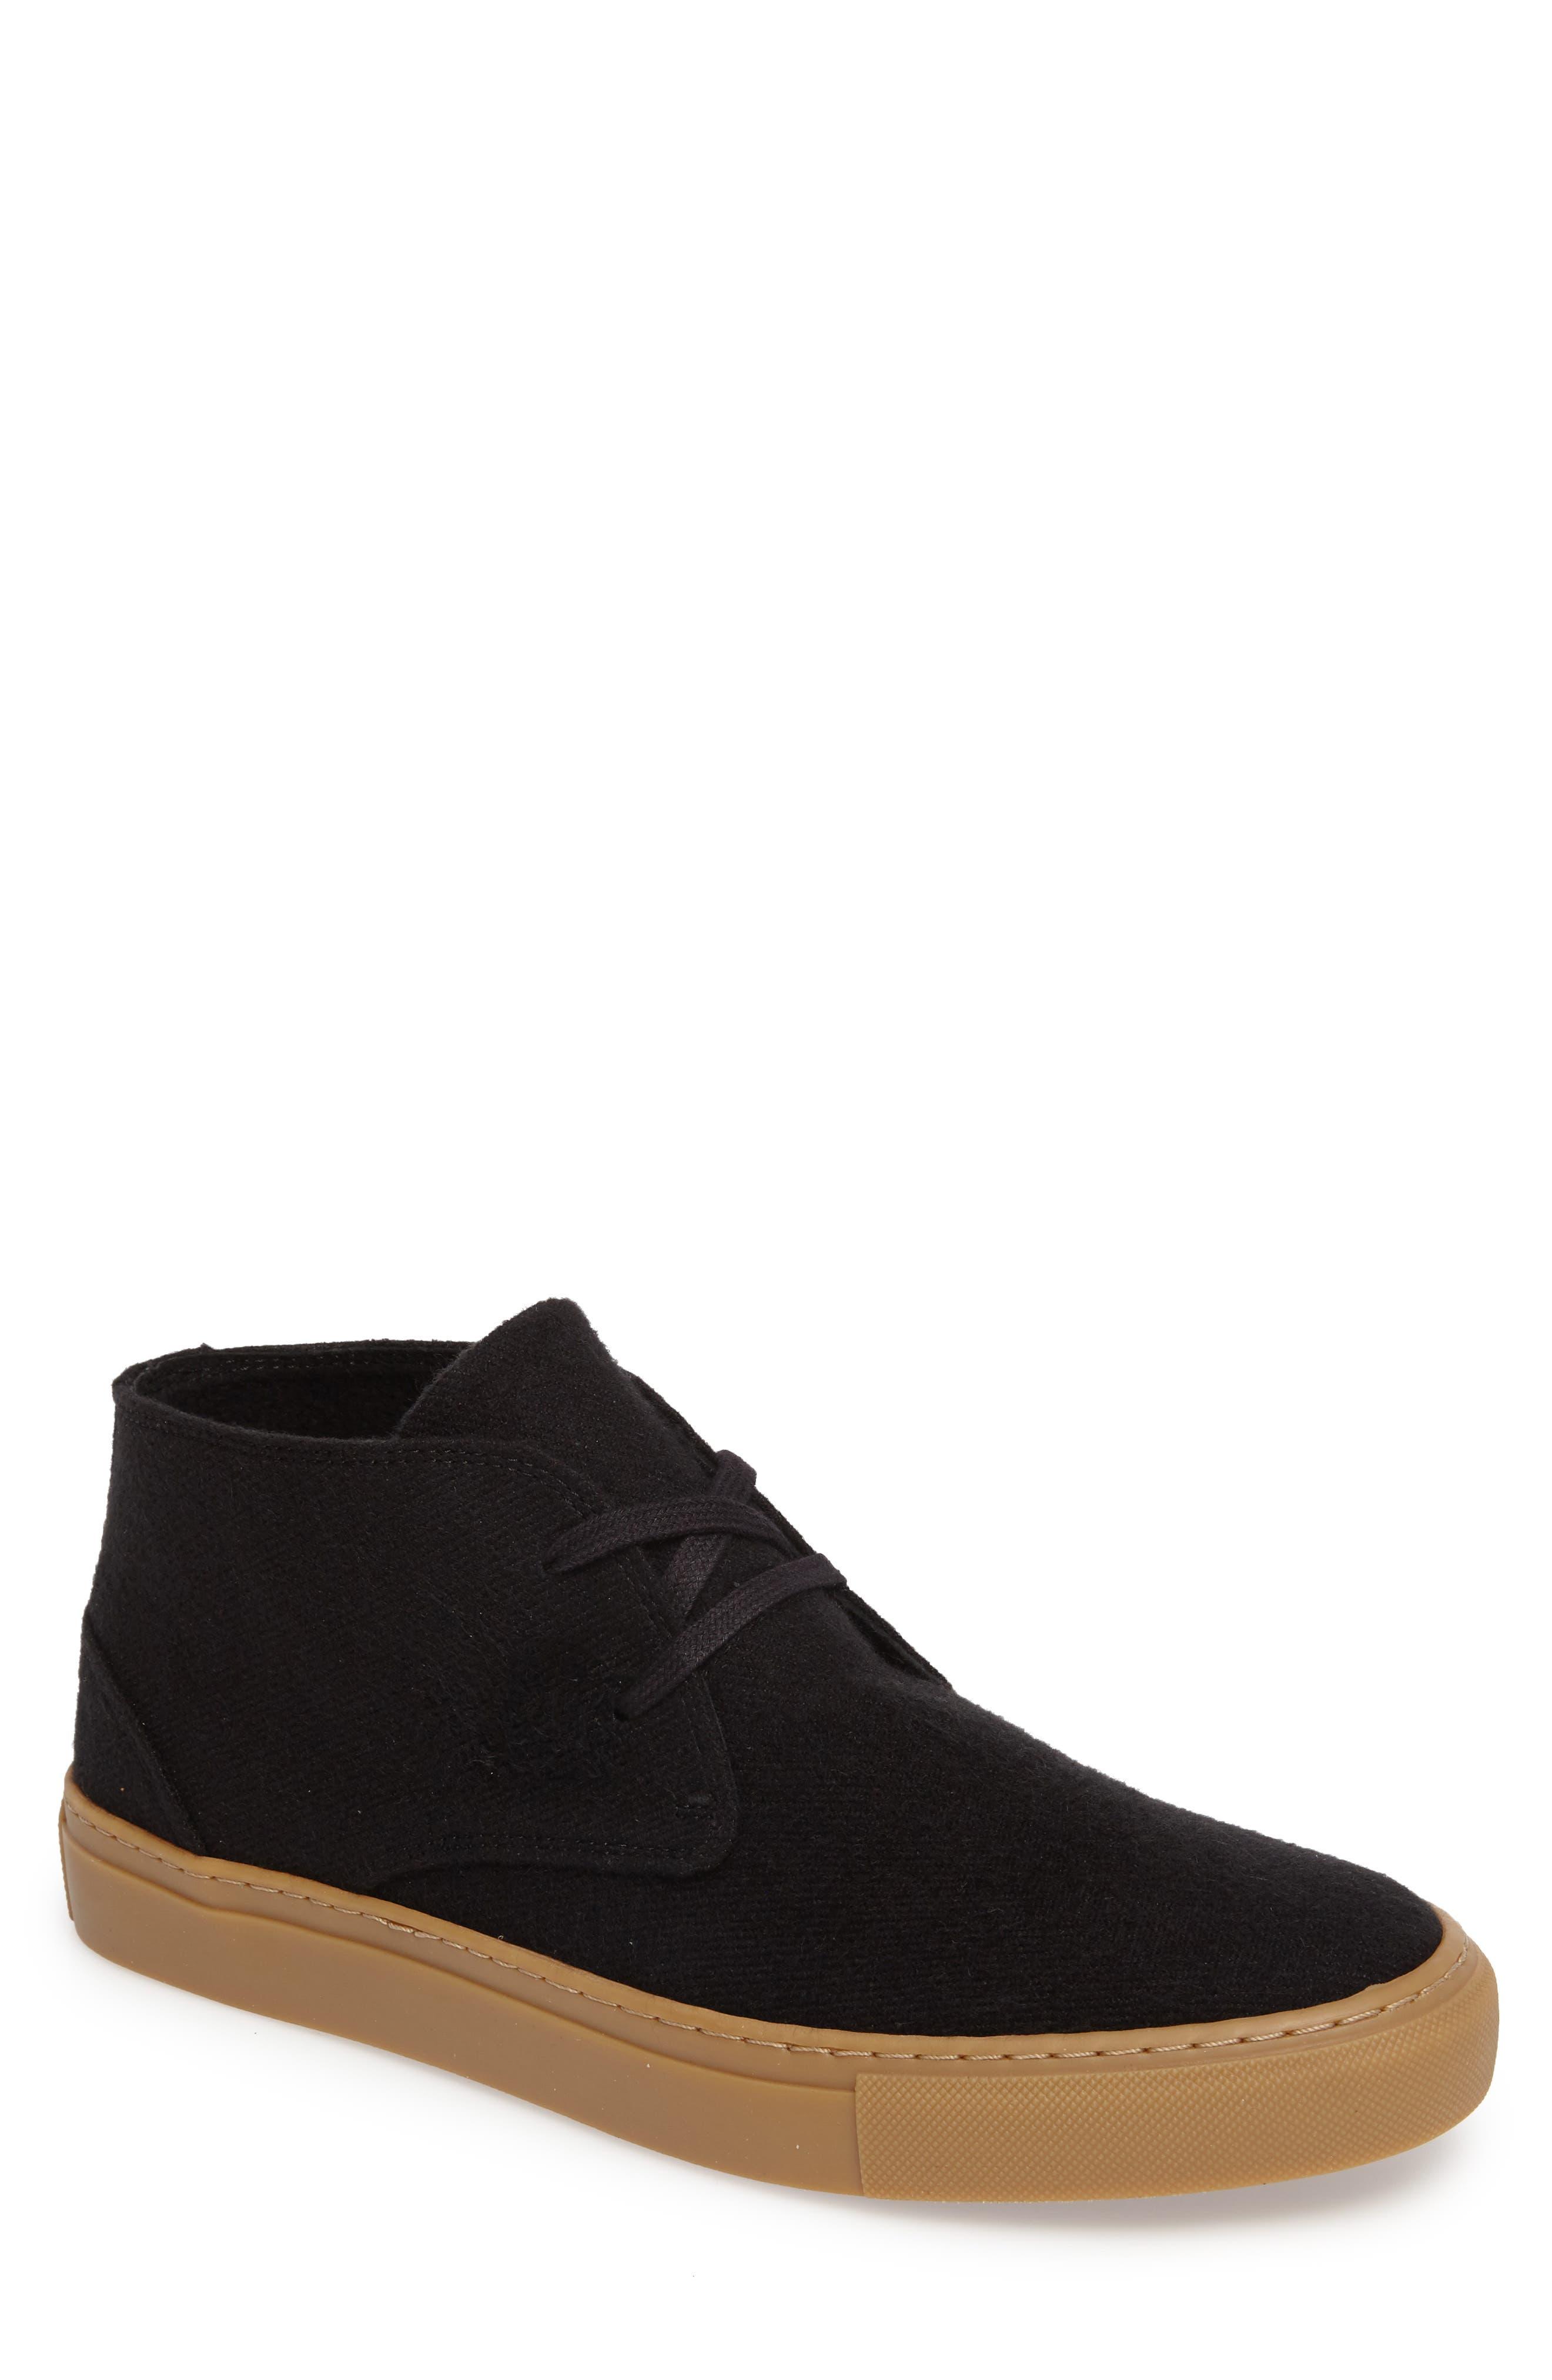 Dani Sneaker,                         Main,                         color, 001